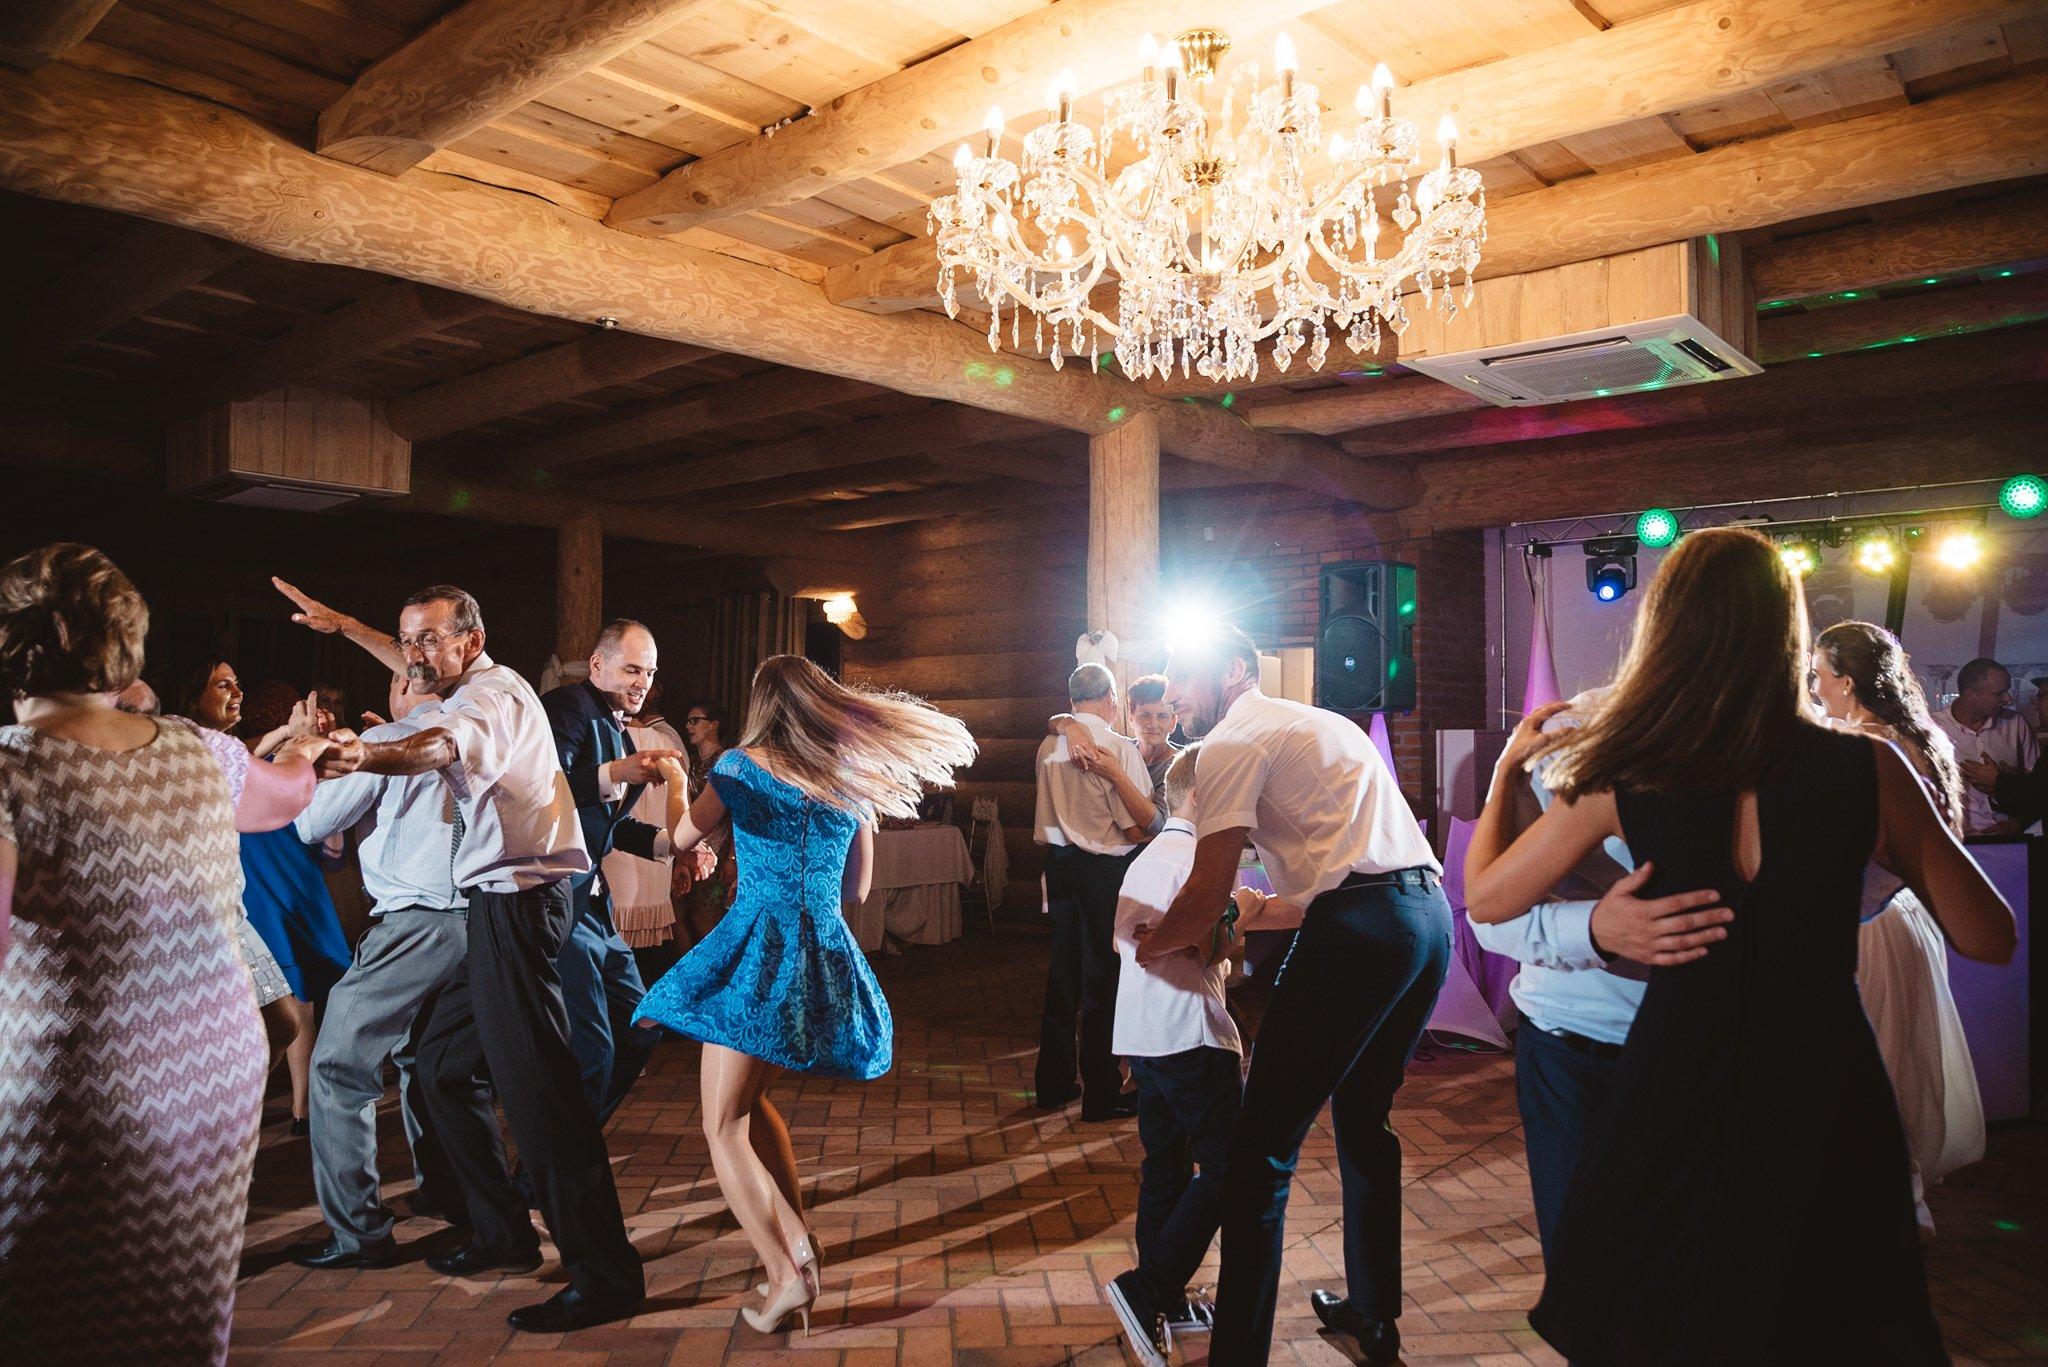 Ala i Arek, czyli jak zorganizować ślub i wesele w 4 tygodnie! 298